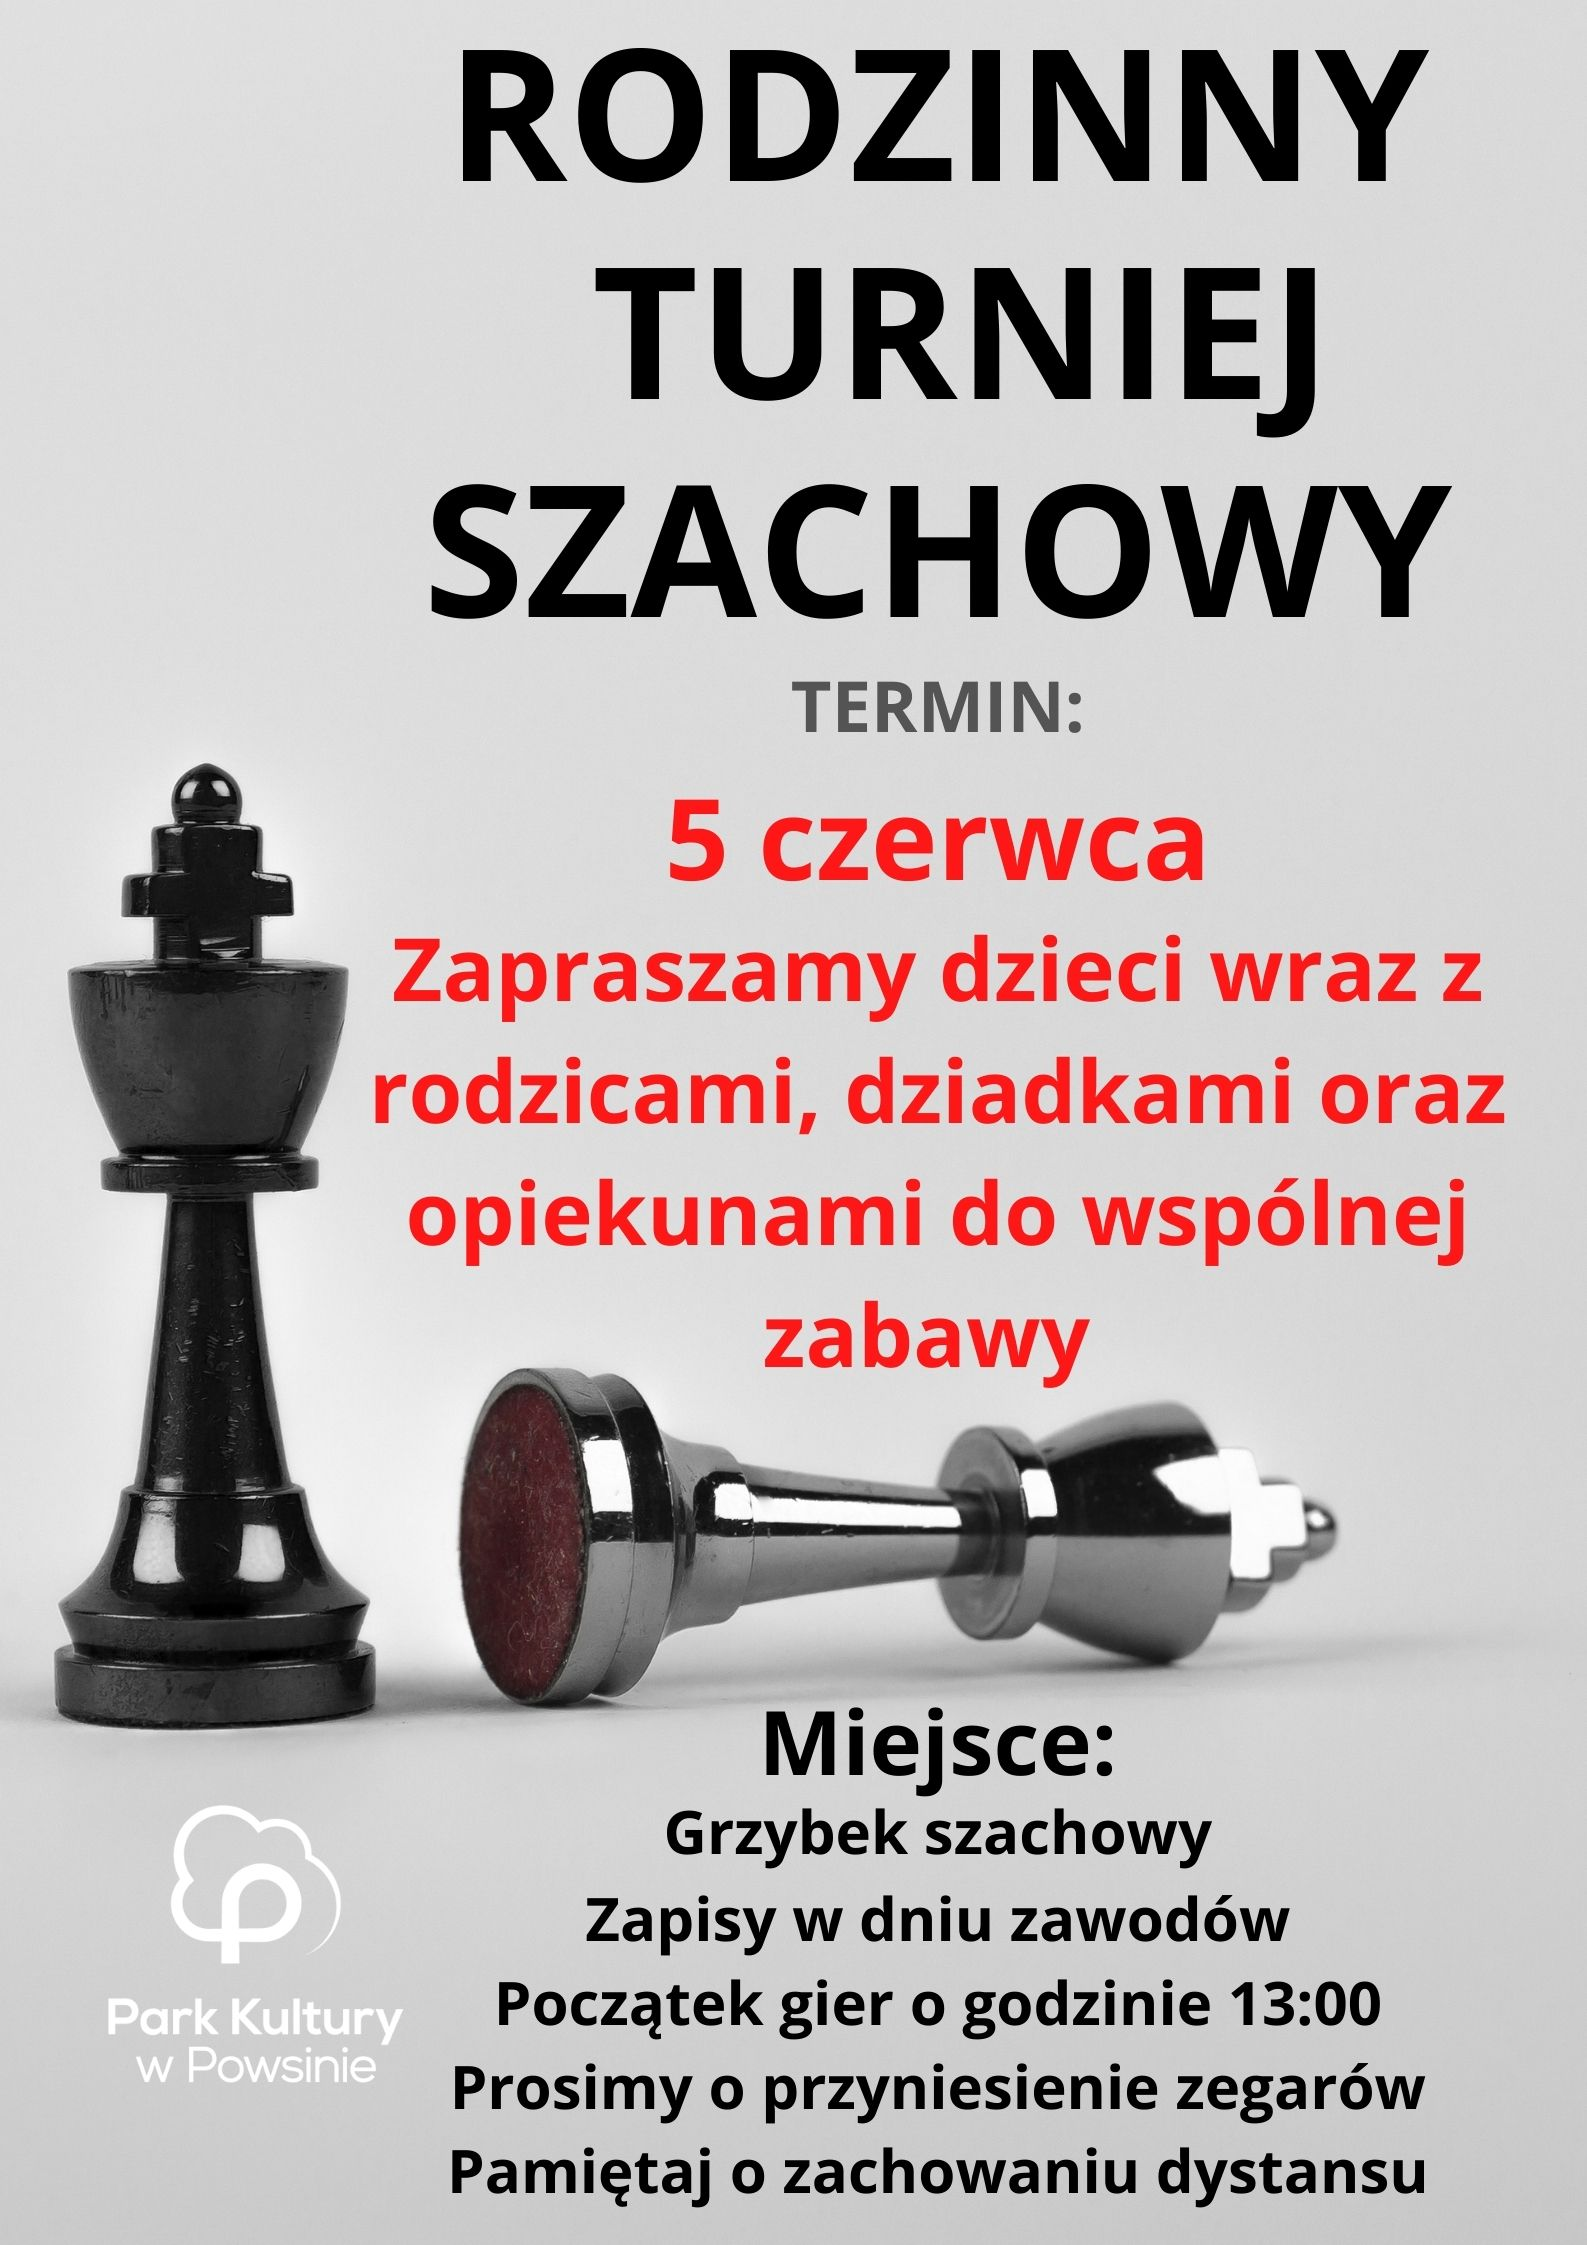 Plakat z informacja o rodzinnym turnieju szachowym w dniu 5 czerwca 2021